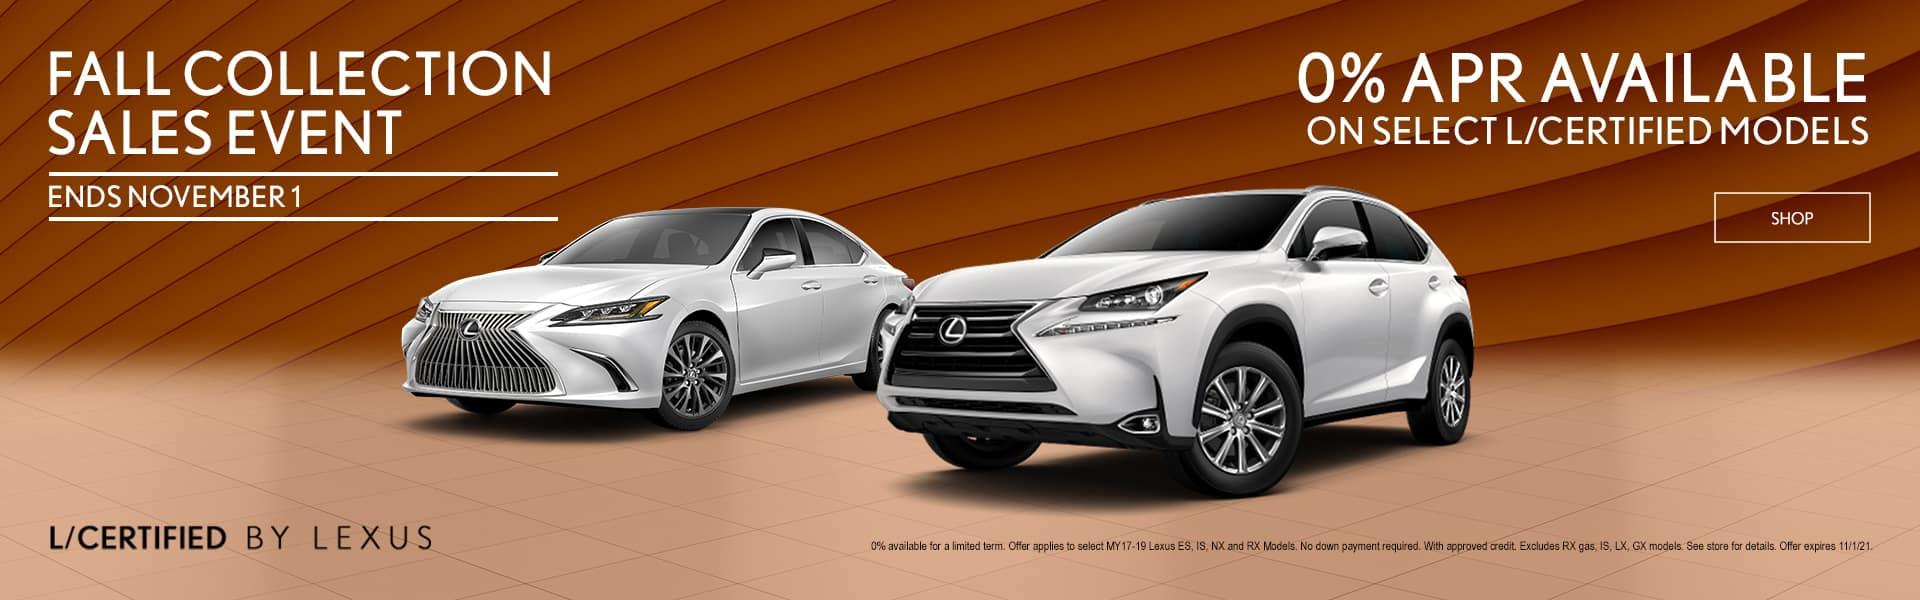 Lexus-CPO-Sales-Event(1920x600)